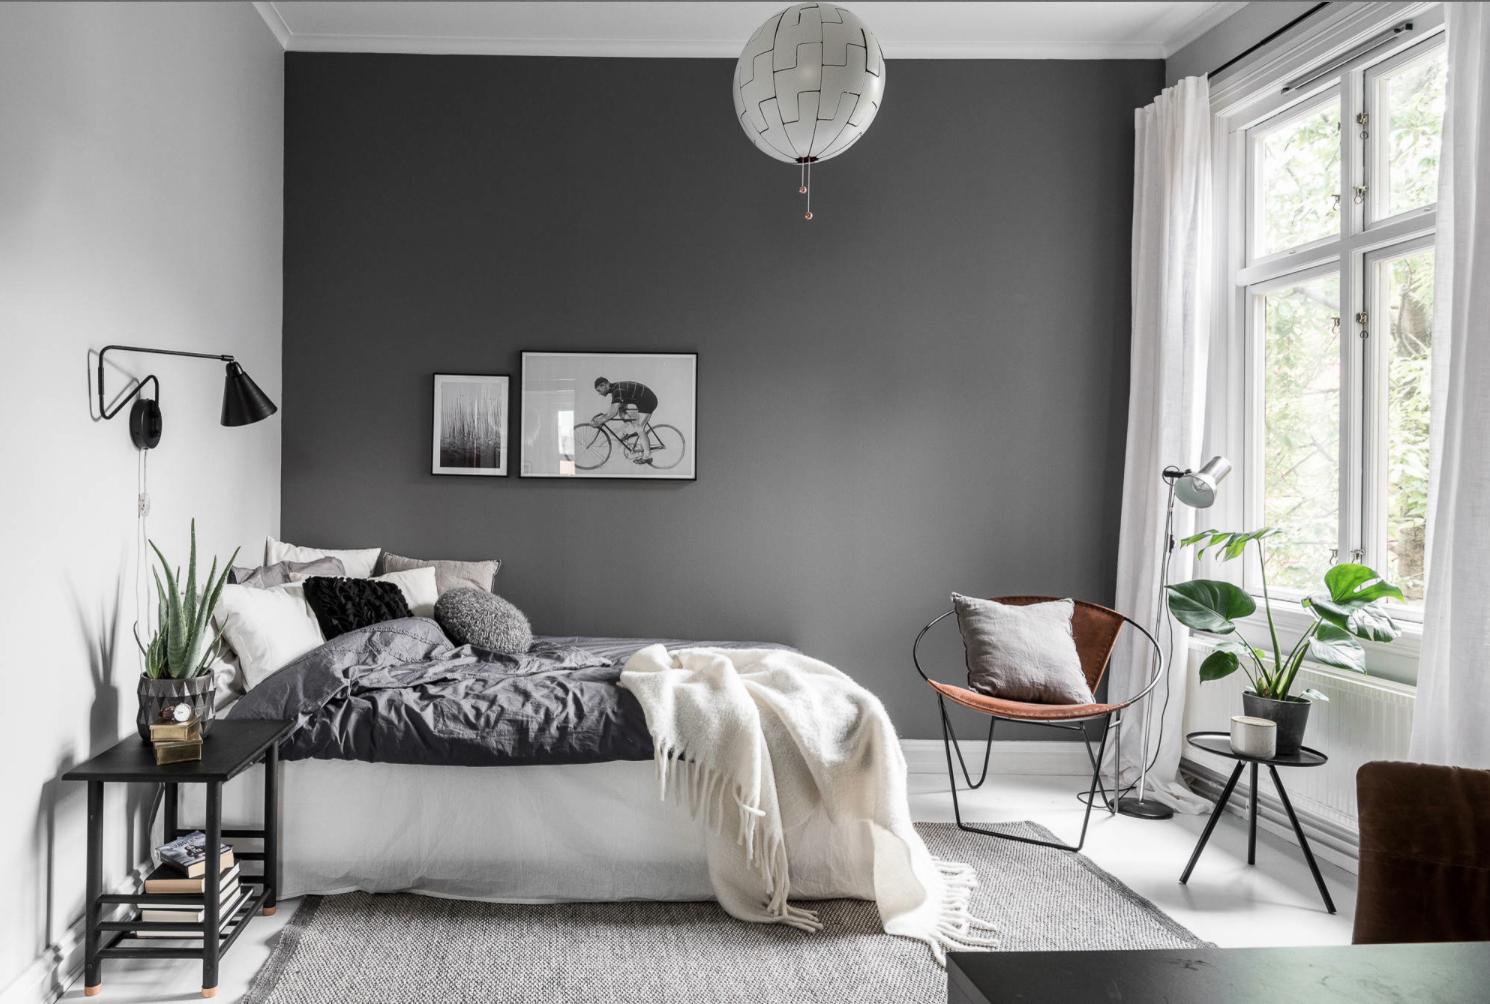 Dekorasjon - trivelige detaljer til innreding i hjemmet